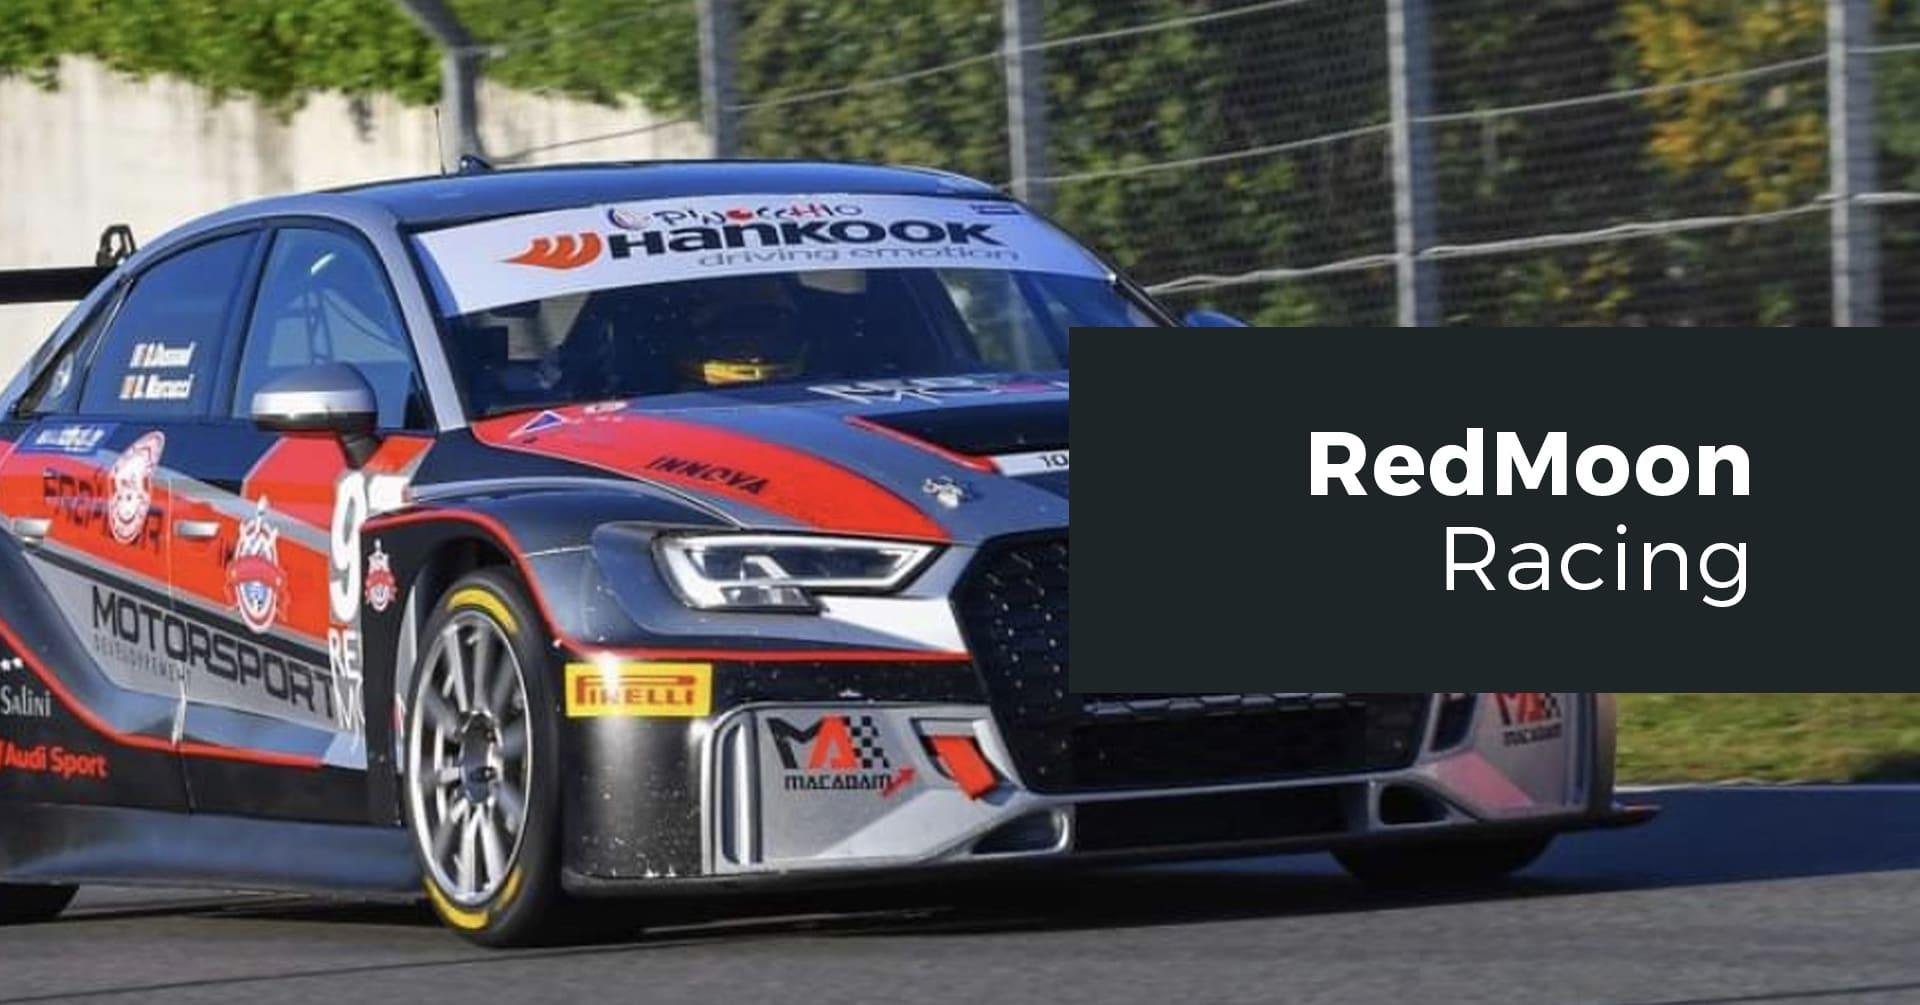 RedMoon Racing